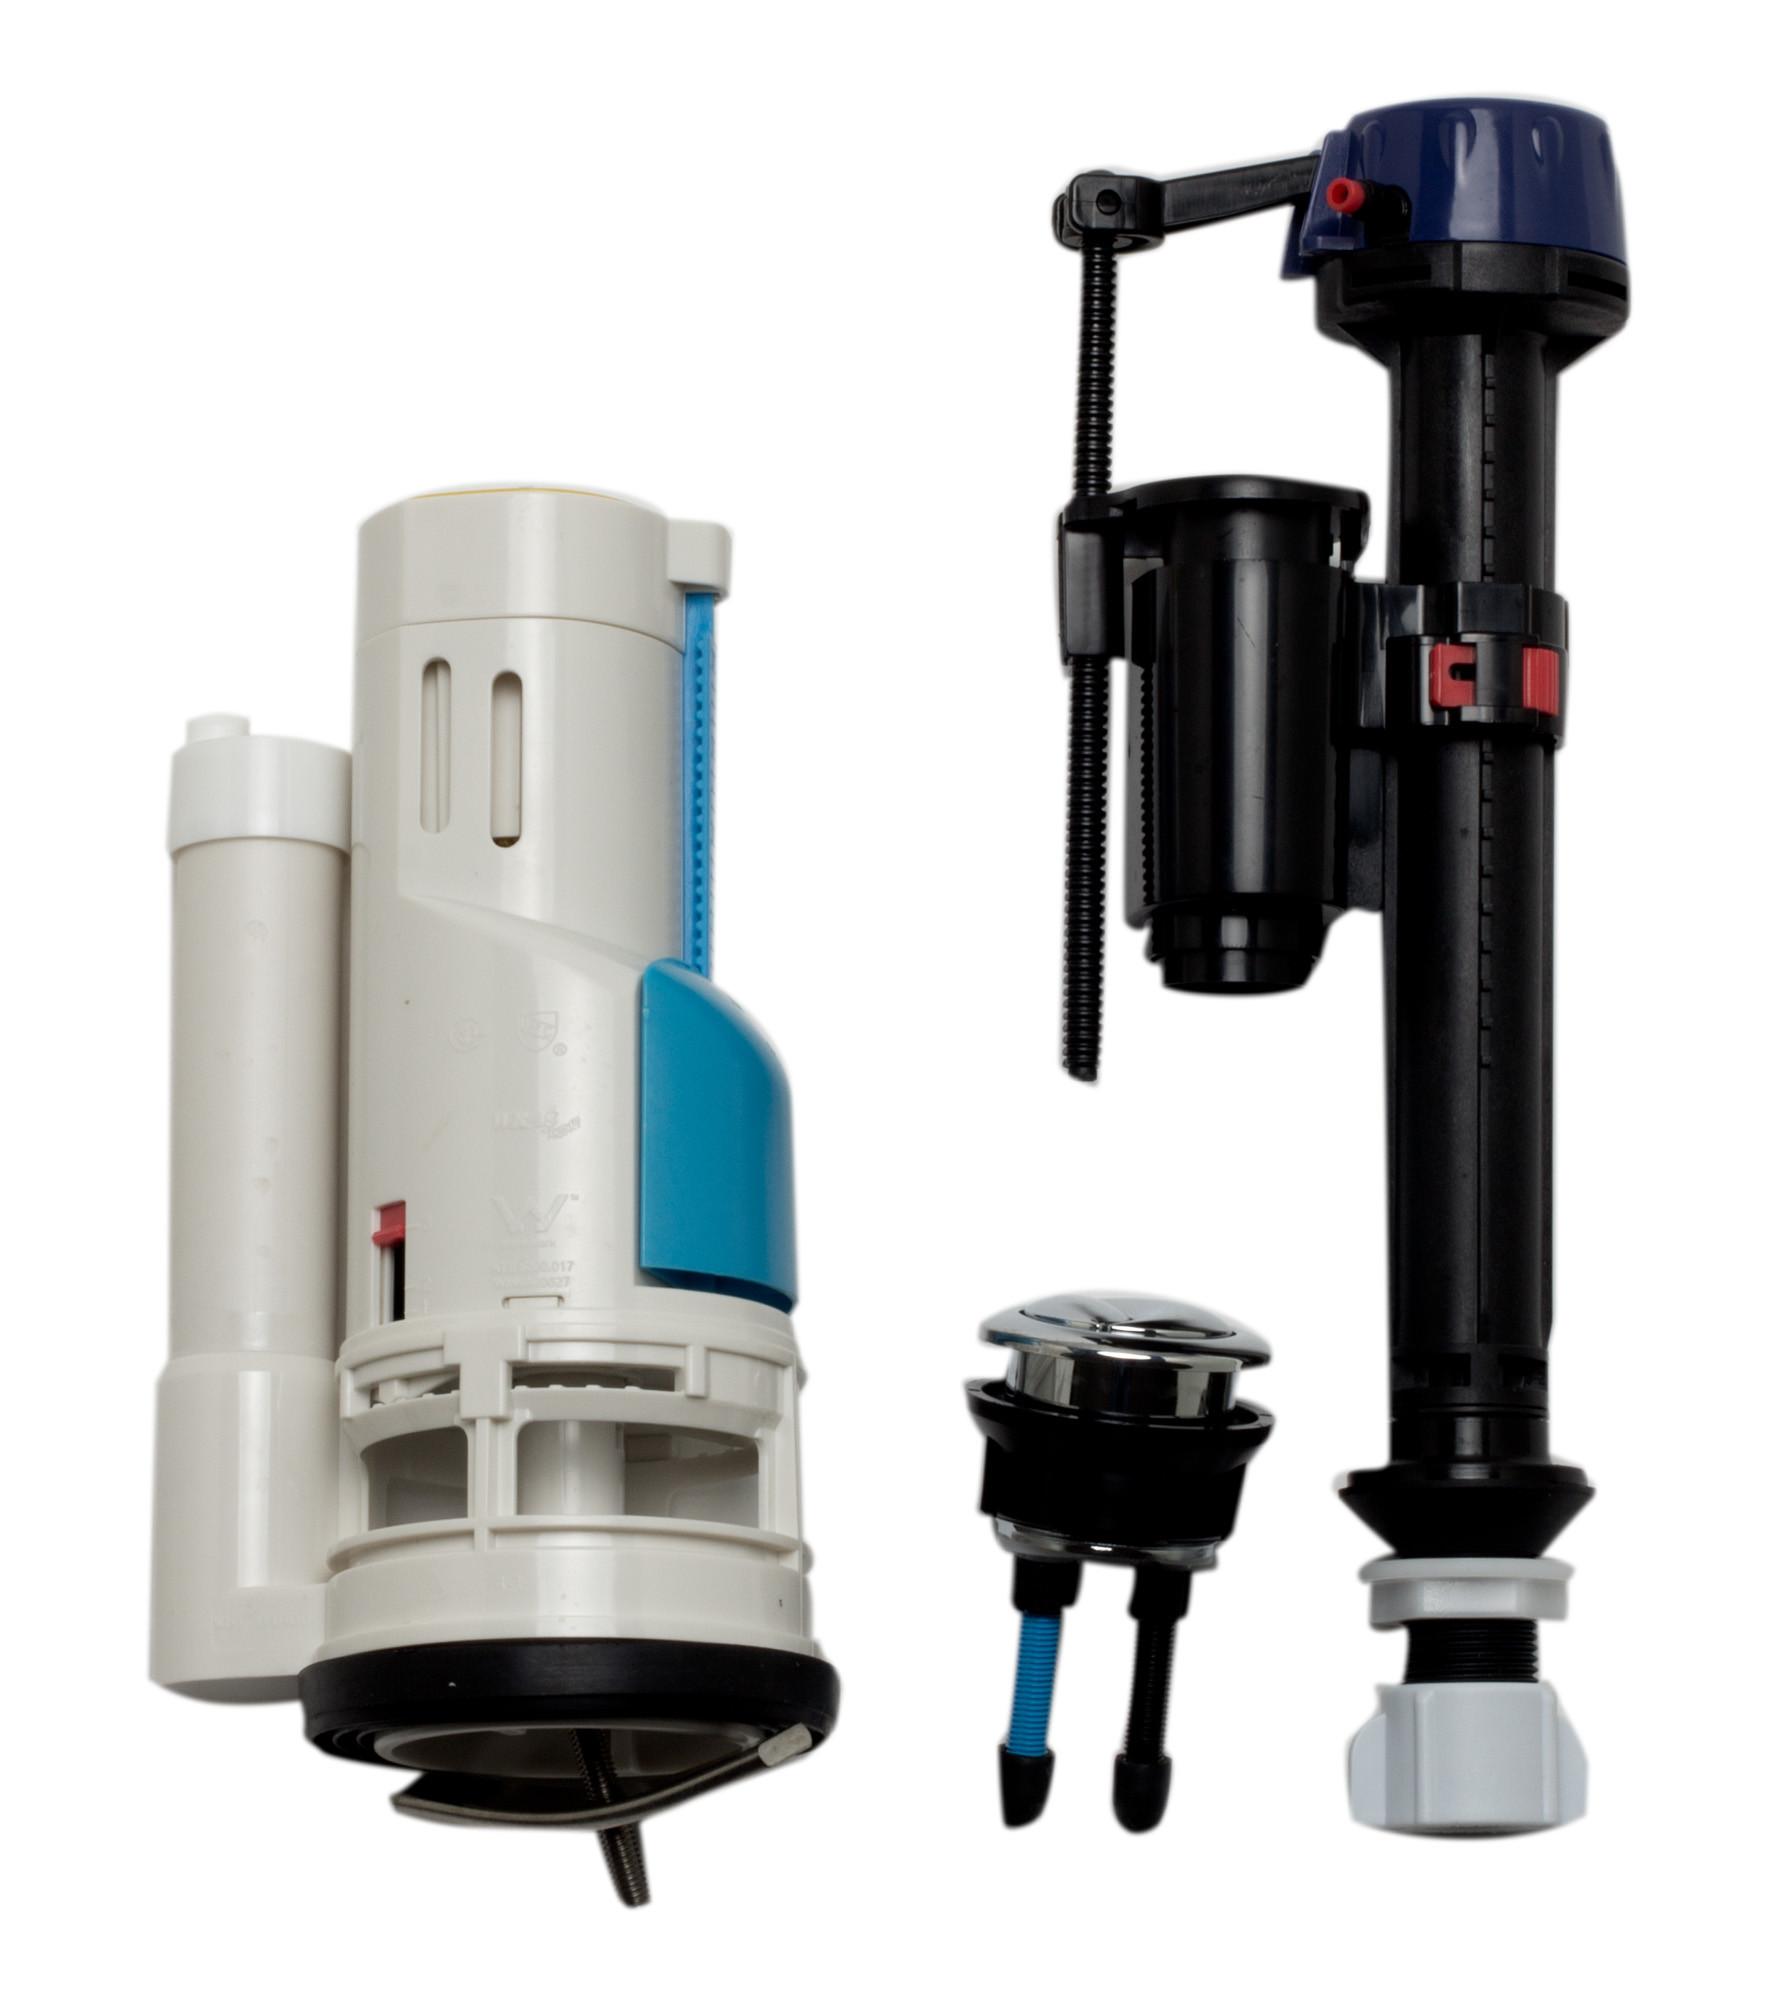 EAGO R-353FLUSH Replacement Toilet Flushing Mechanism for TB353